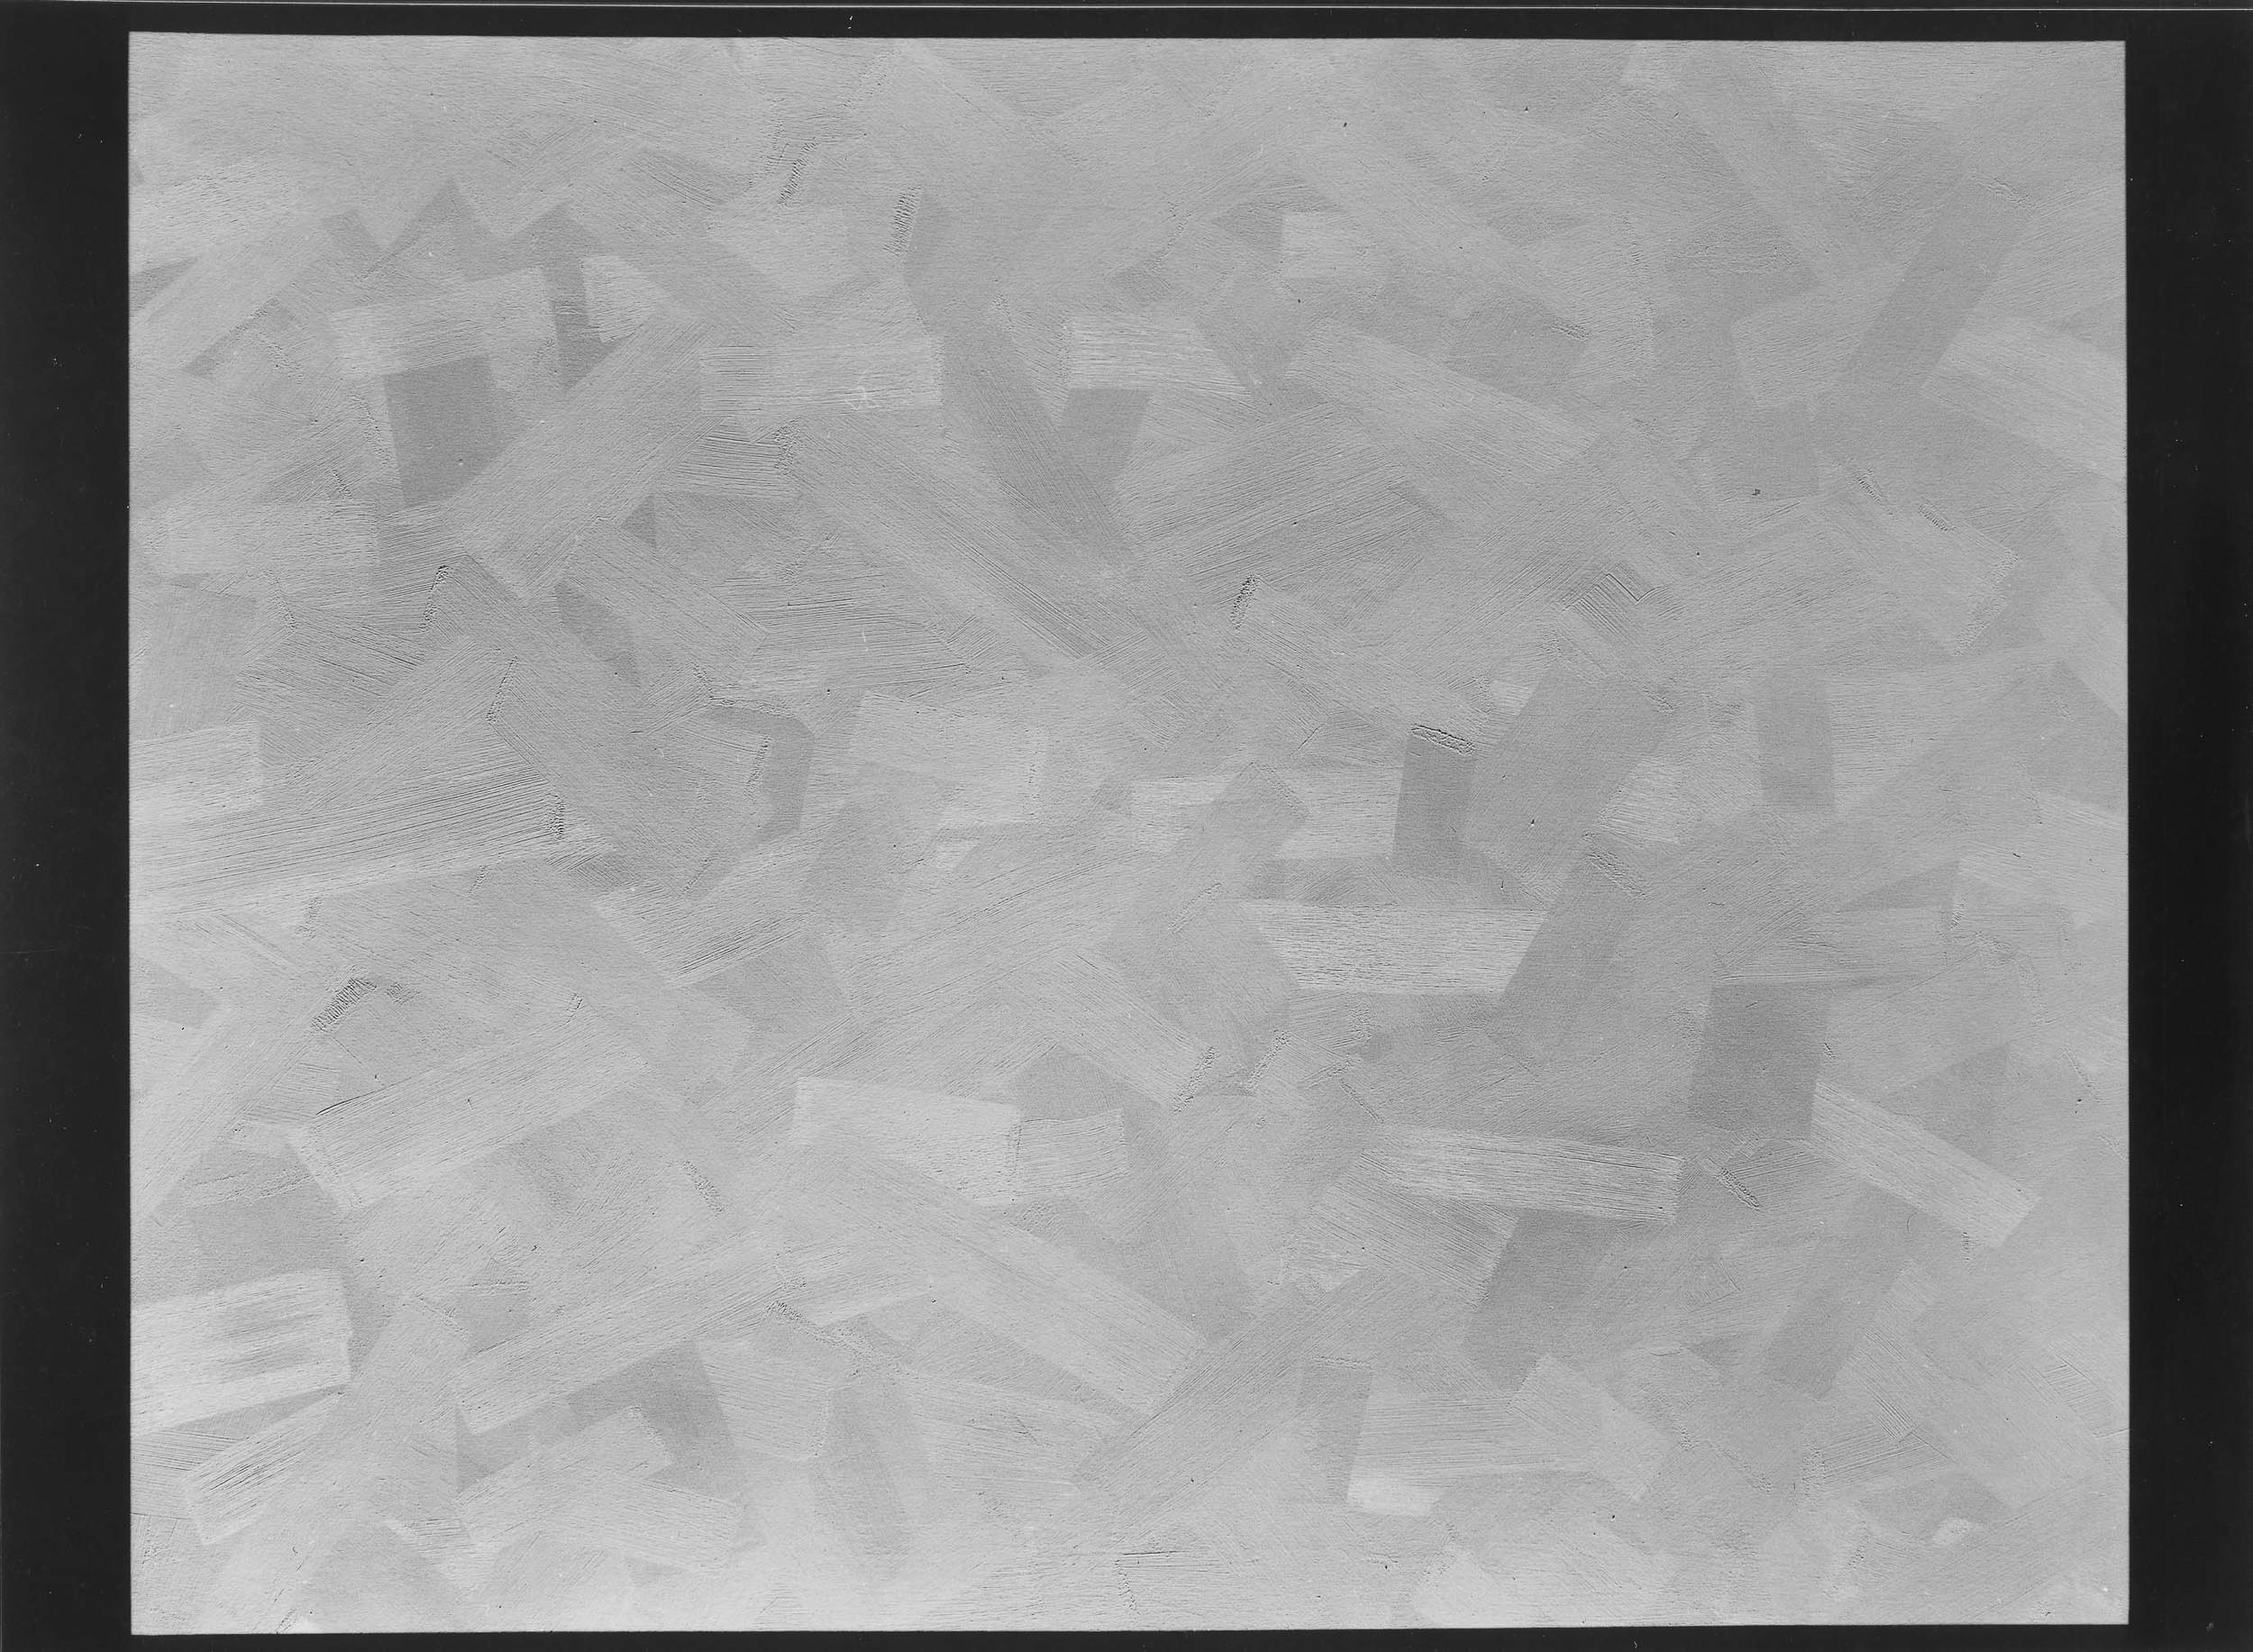 """1968-69, """"Étapes Décembre - December Steps"""", huile sur toile. Collection permanente du Musée des beaux-arts de Montréal."""